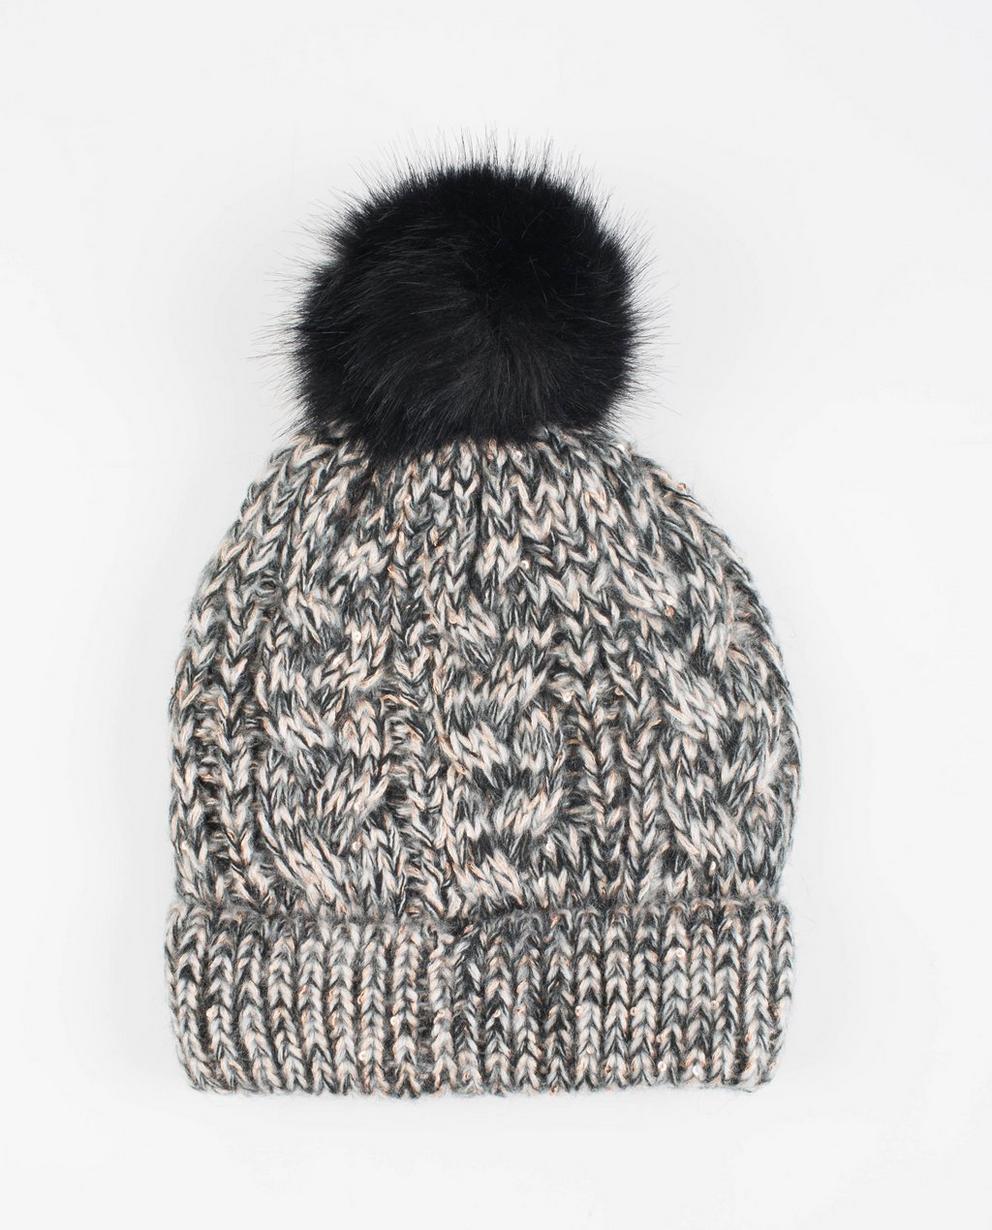 Bonnet tricoté  - avec un pompon, noir et blanc - JBC